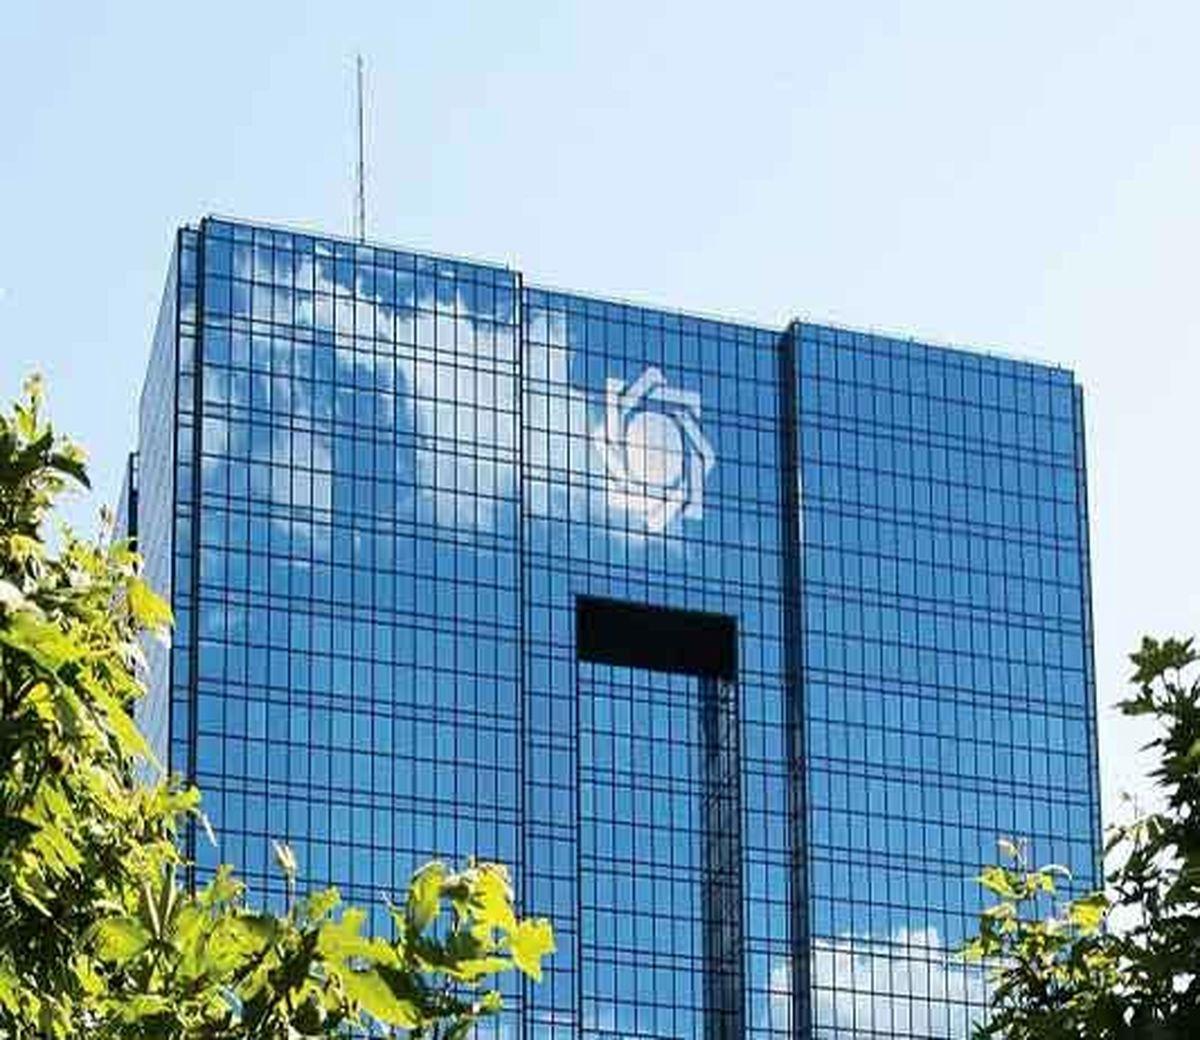 آخرین حضور رئیس جمهور در بانک مرکزی رقم خورد؟